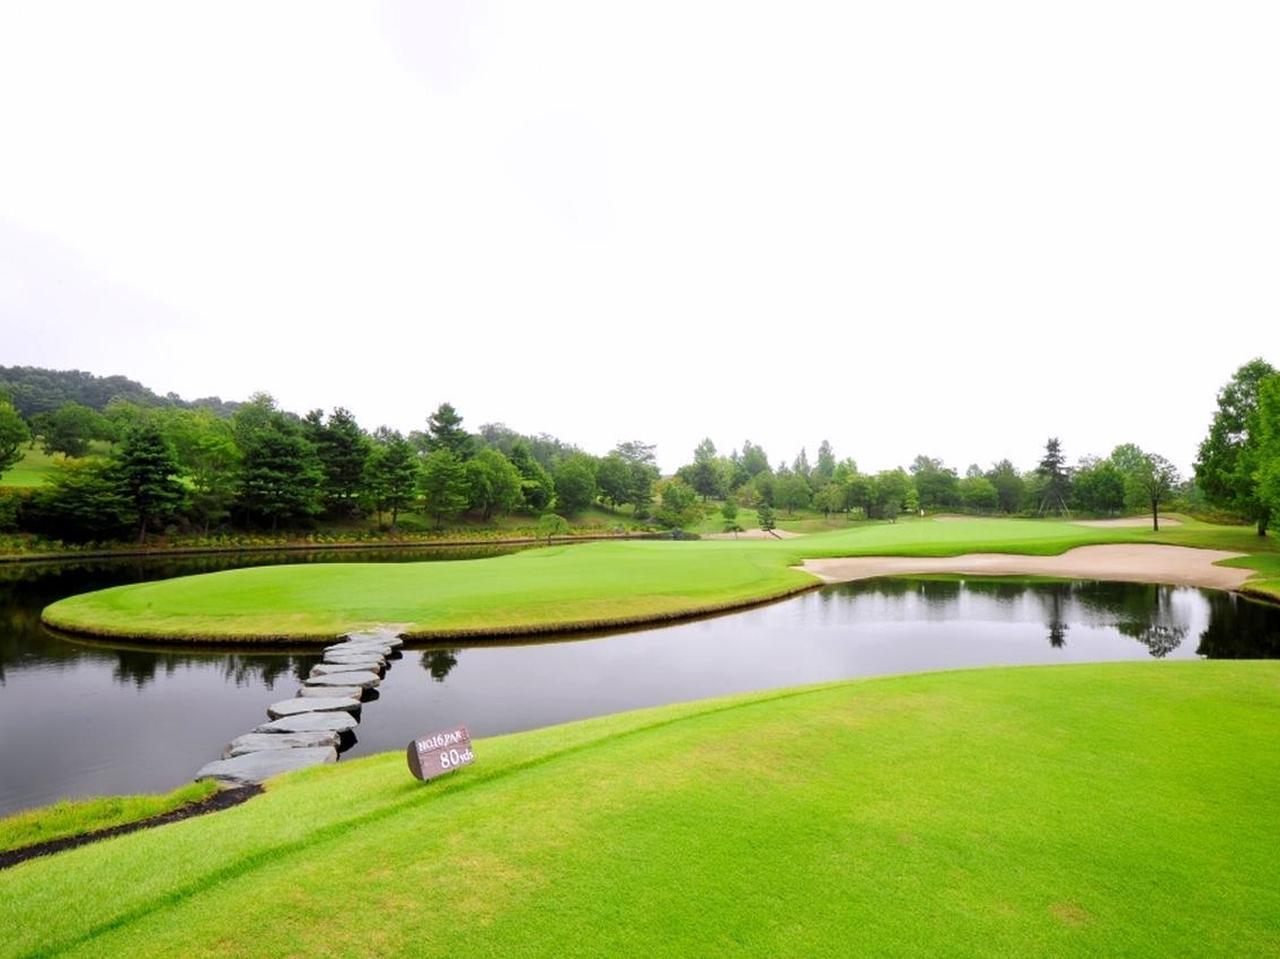 画像2: 石坂ゴルフ倶楽部(18H・7060Y・P72)ネット予約不可のメンバー主体コース